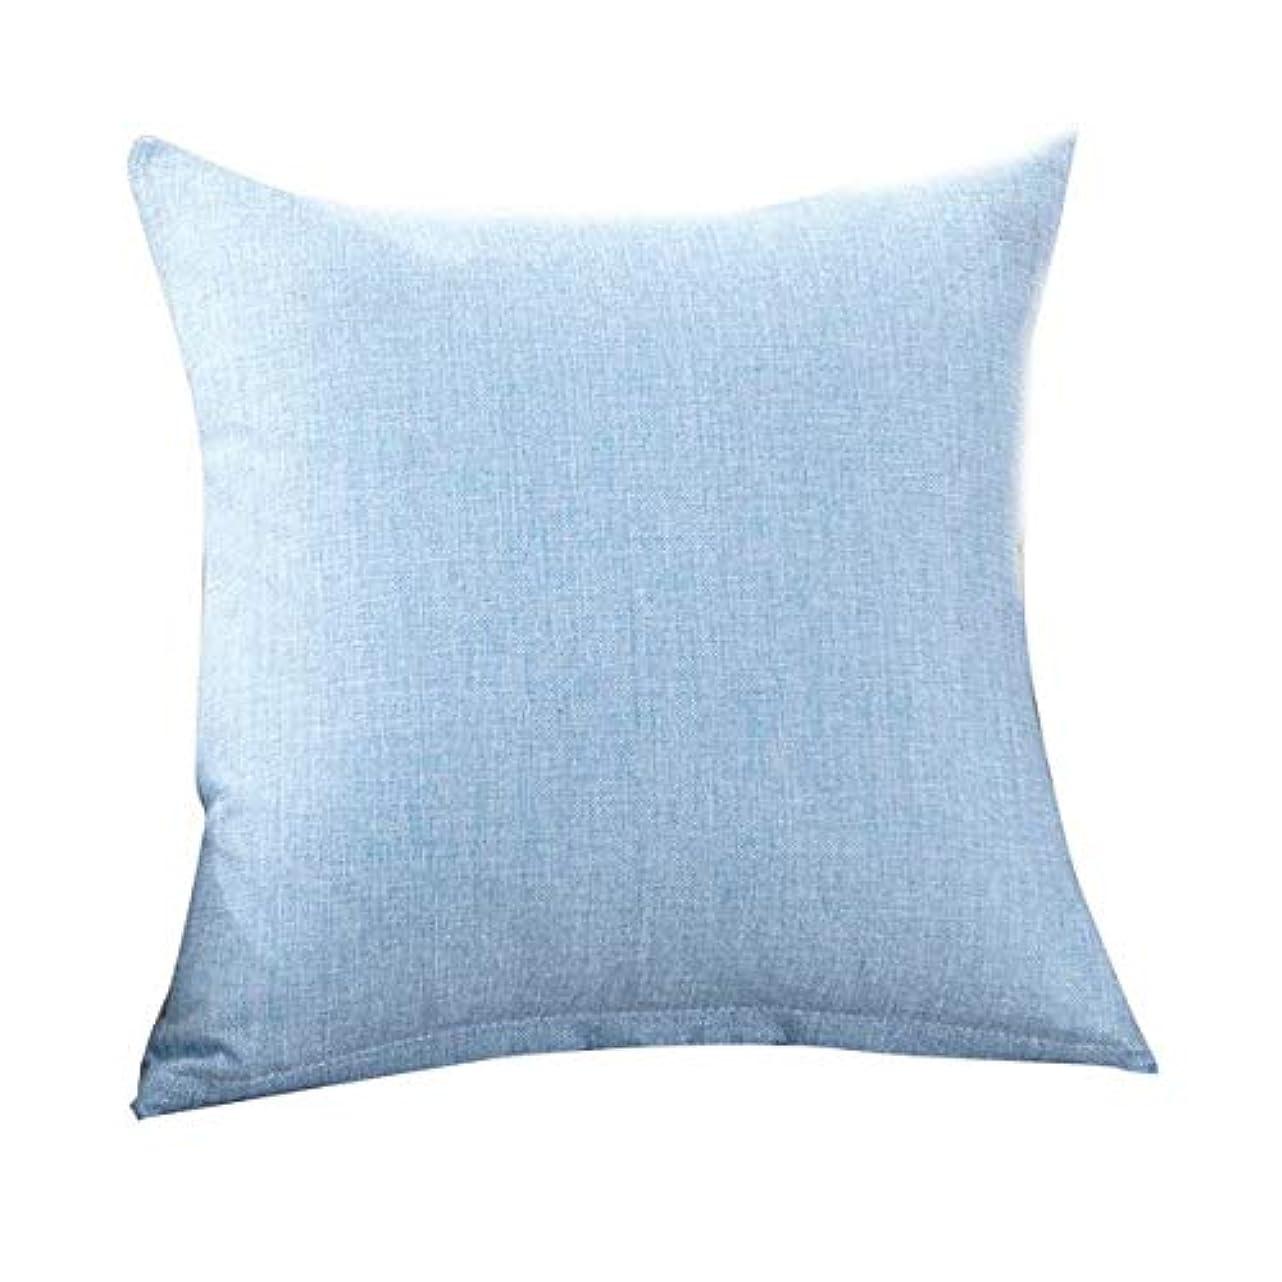 盟主センサー松明LIFE クリエイティブシンプルなファッションスロー枕クッションカフェソファクッションのホームインテリア z0403# G20 クッション 椅子